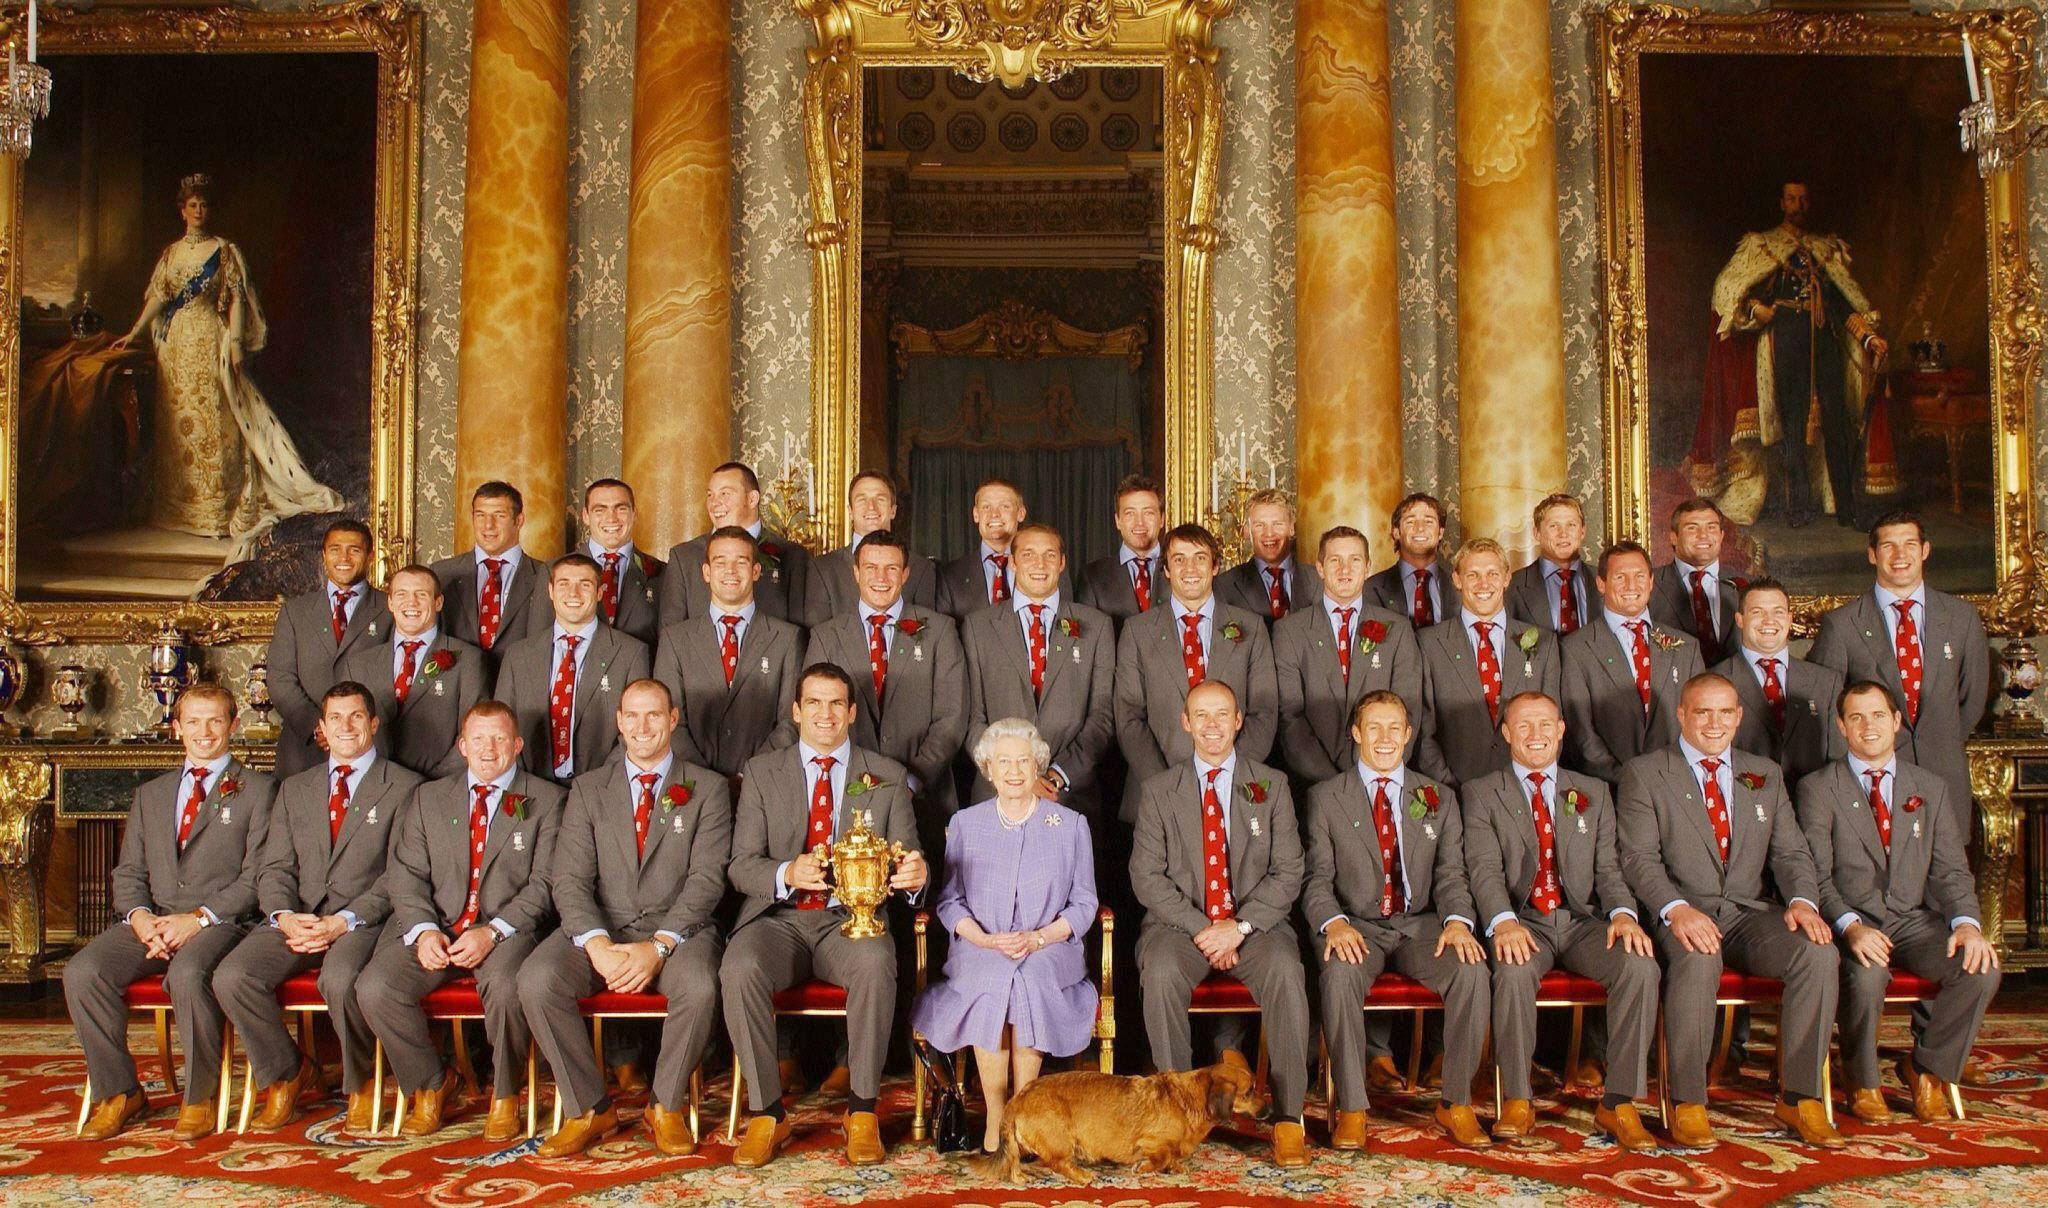 La reina de Inglaterra posa con los jugadores del equipo nacional de rugby, durante una recepción oficial en el Palacio de Buckingham para celebrar la consecución del Campeonato del Mundo de Rugby en agosto de 2003. (Archivo)